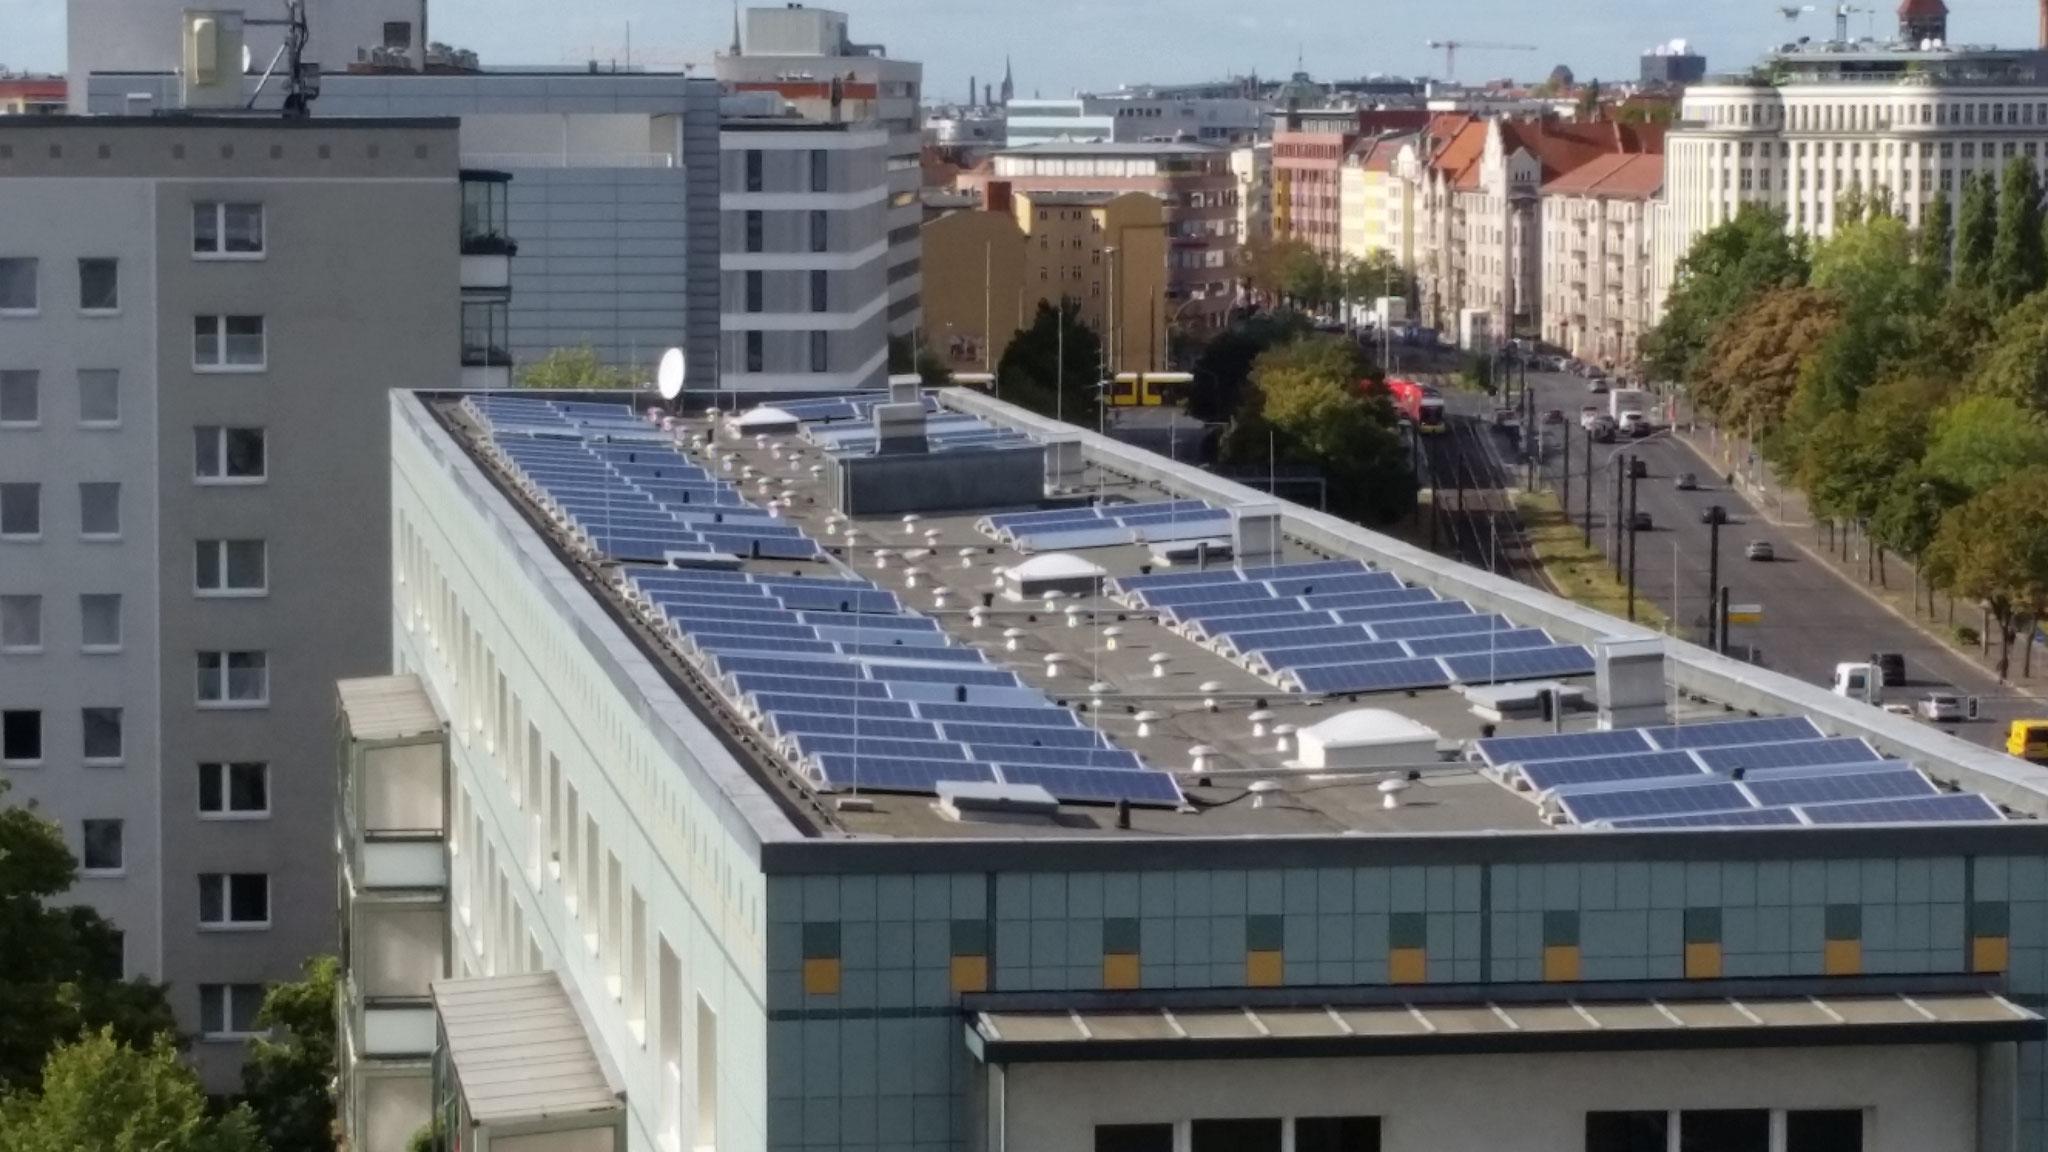 Mieterstrommodell der Berliner Stadtwerke in der Mollstraße - Bild 2 - Bild: Jens-Martin Rode